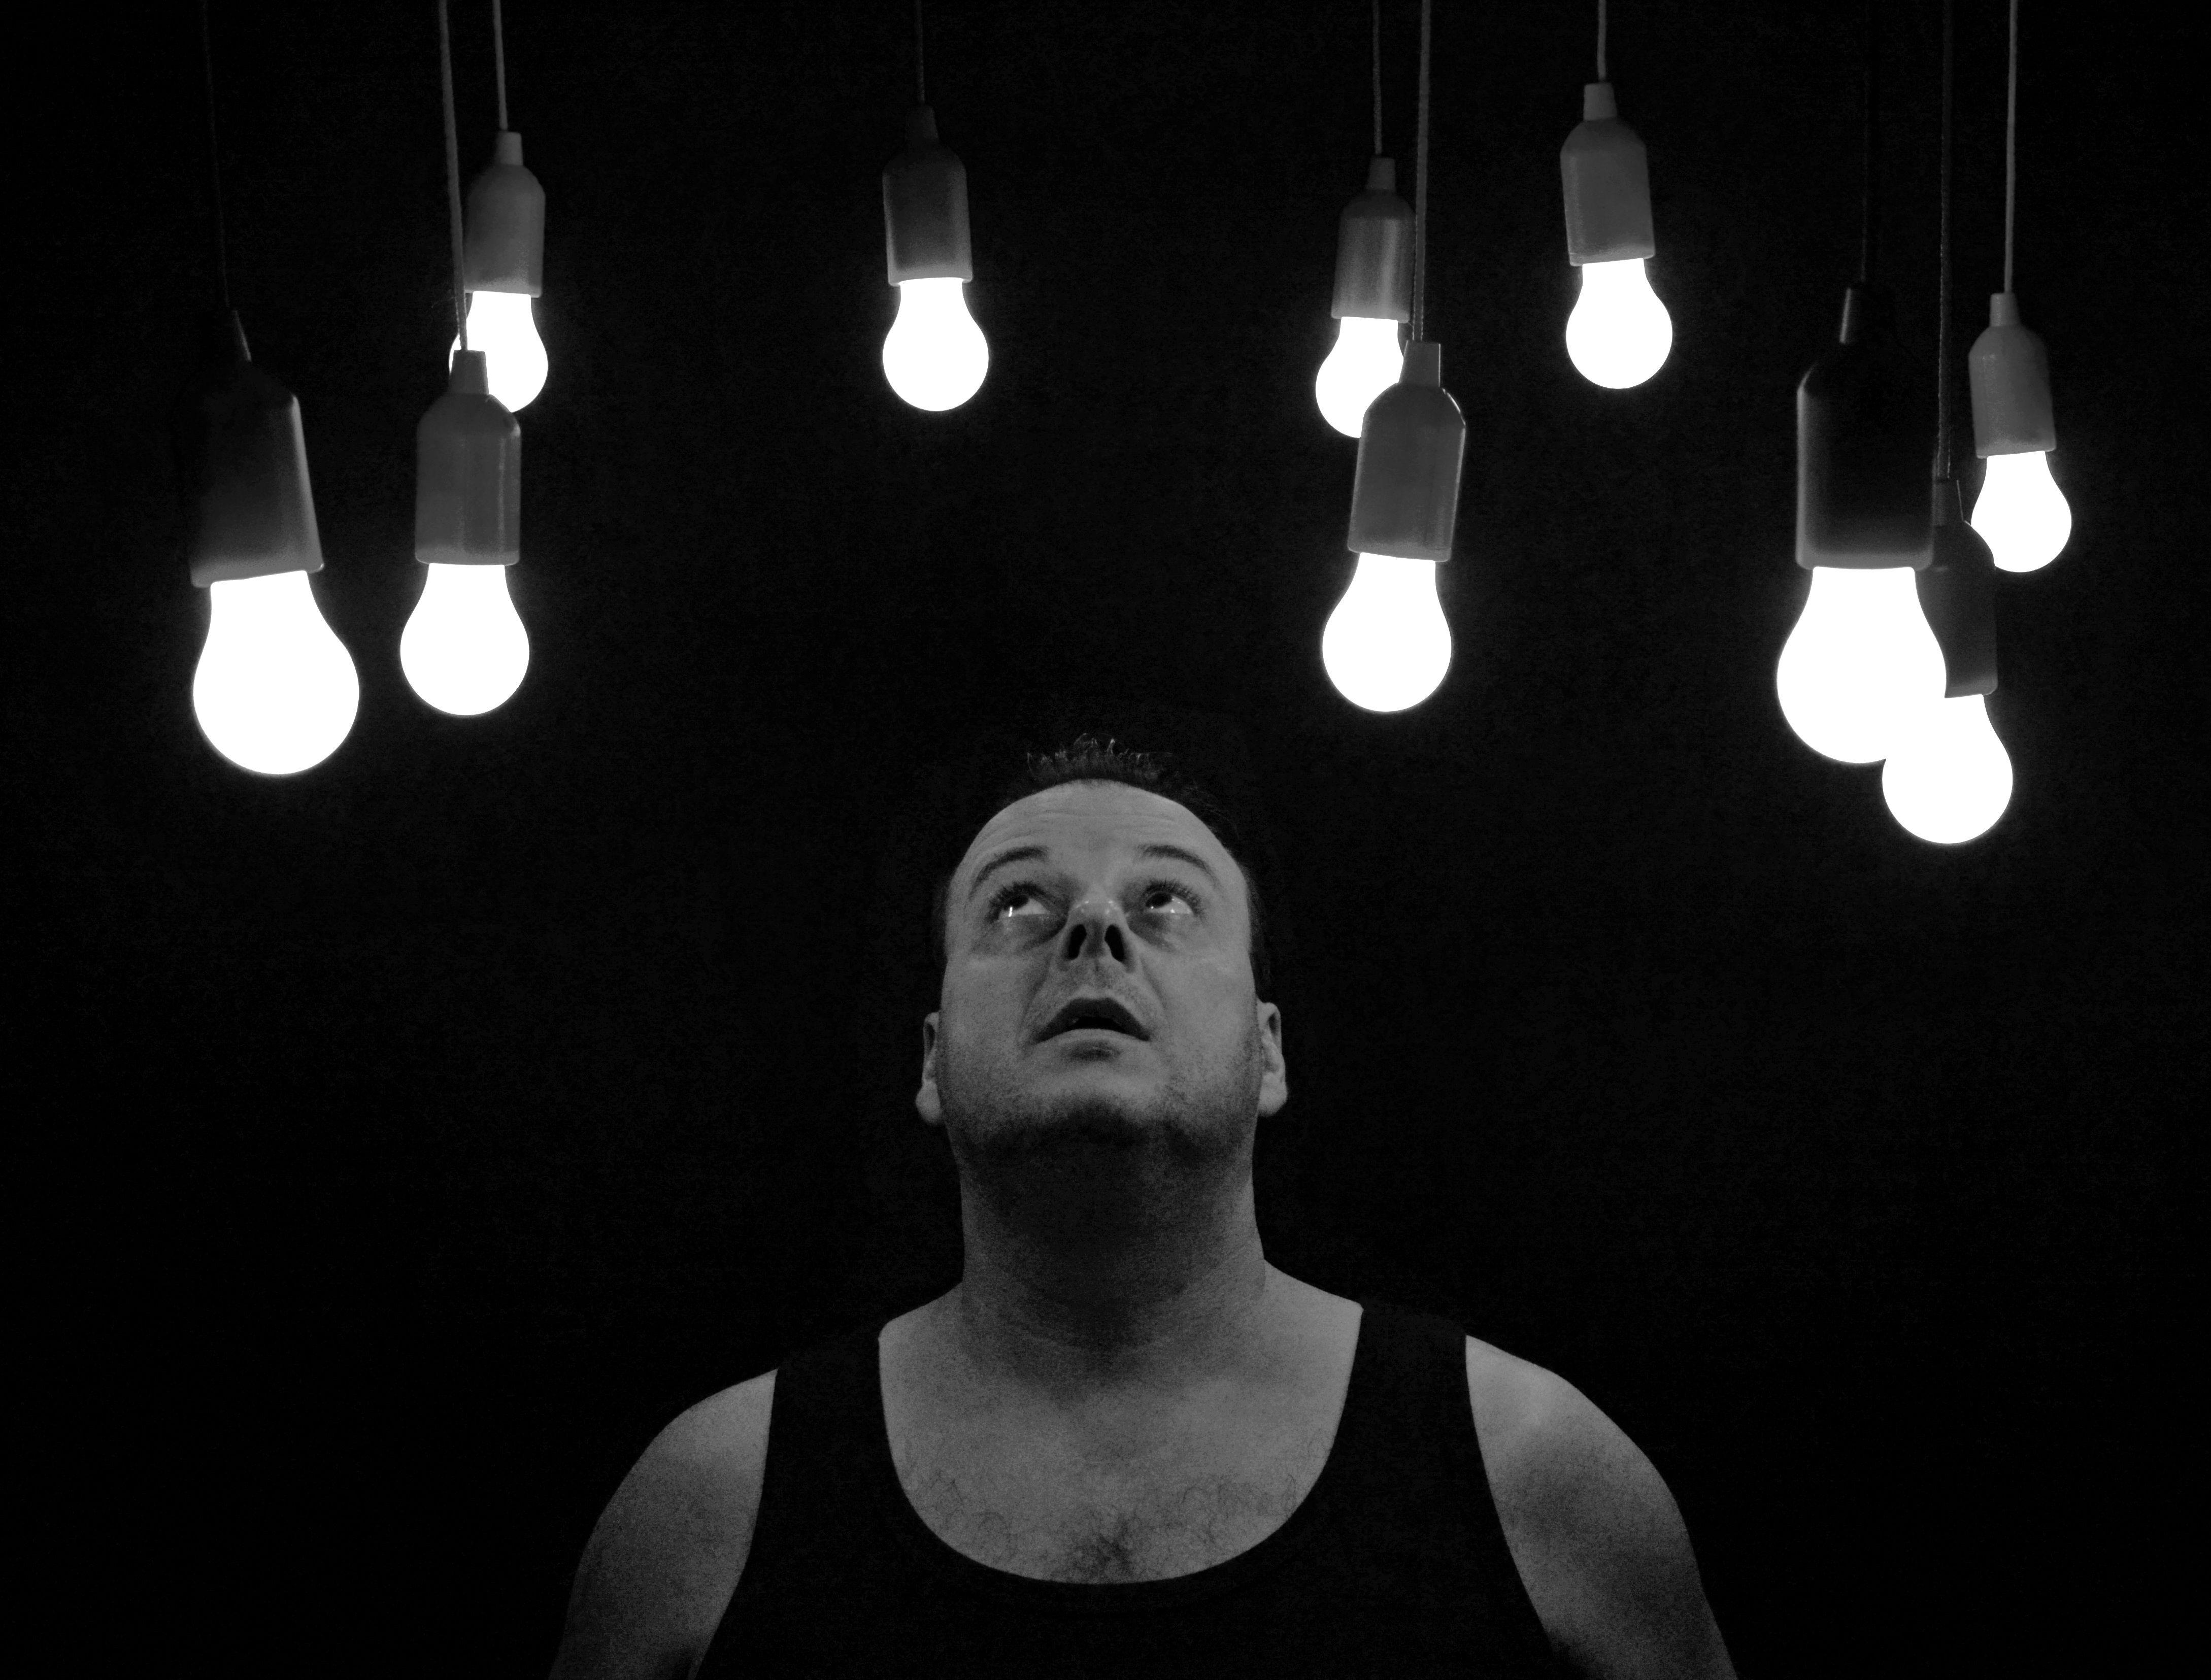 Mann mit Glühbirnen ...